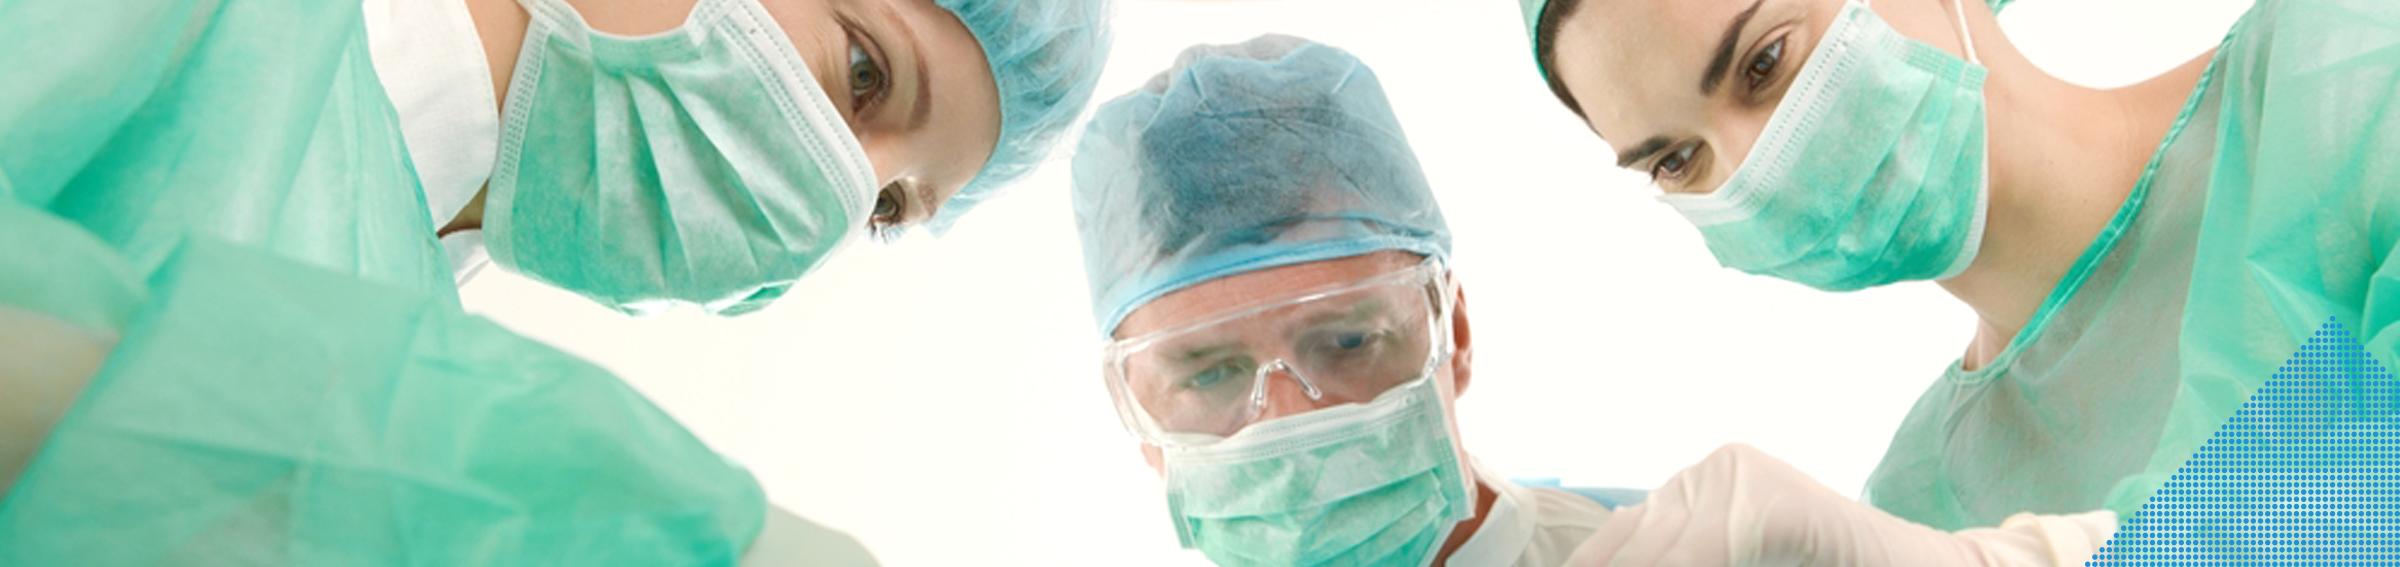 Medizintechnik - Medical fader